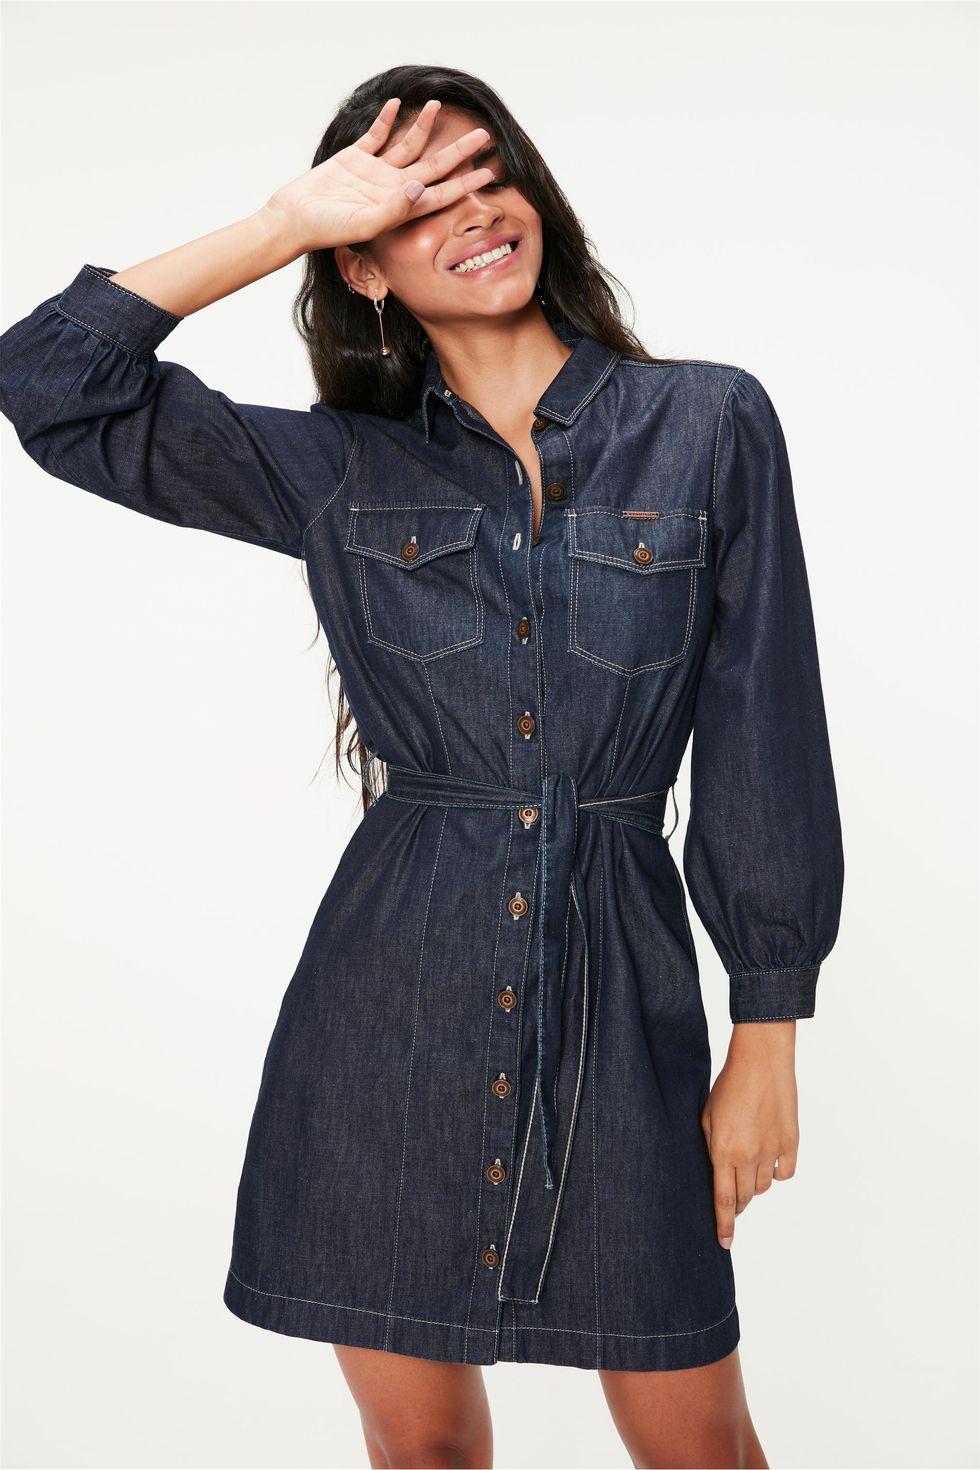 Vestido-Jeans-com-Mangas-Bufantes-Frente--